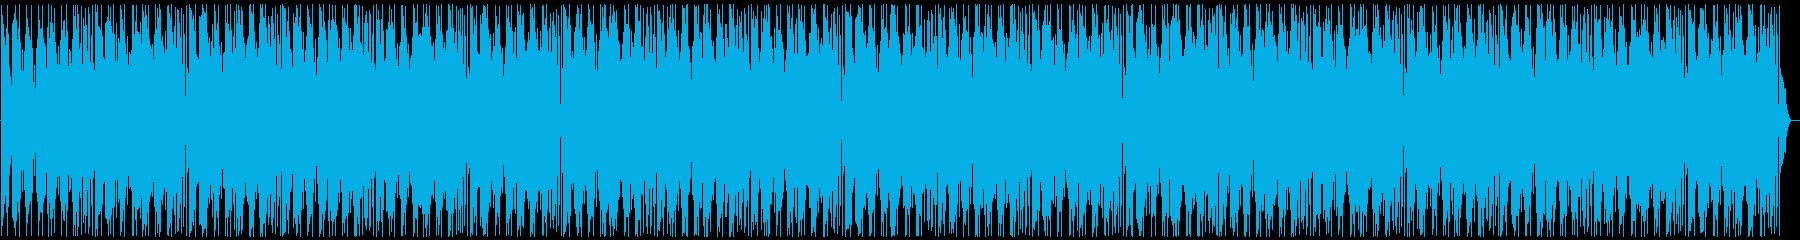 夜のニュースのエンディング風BGMの再生済みの波形